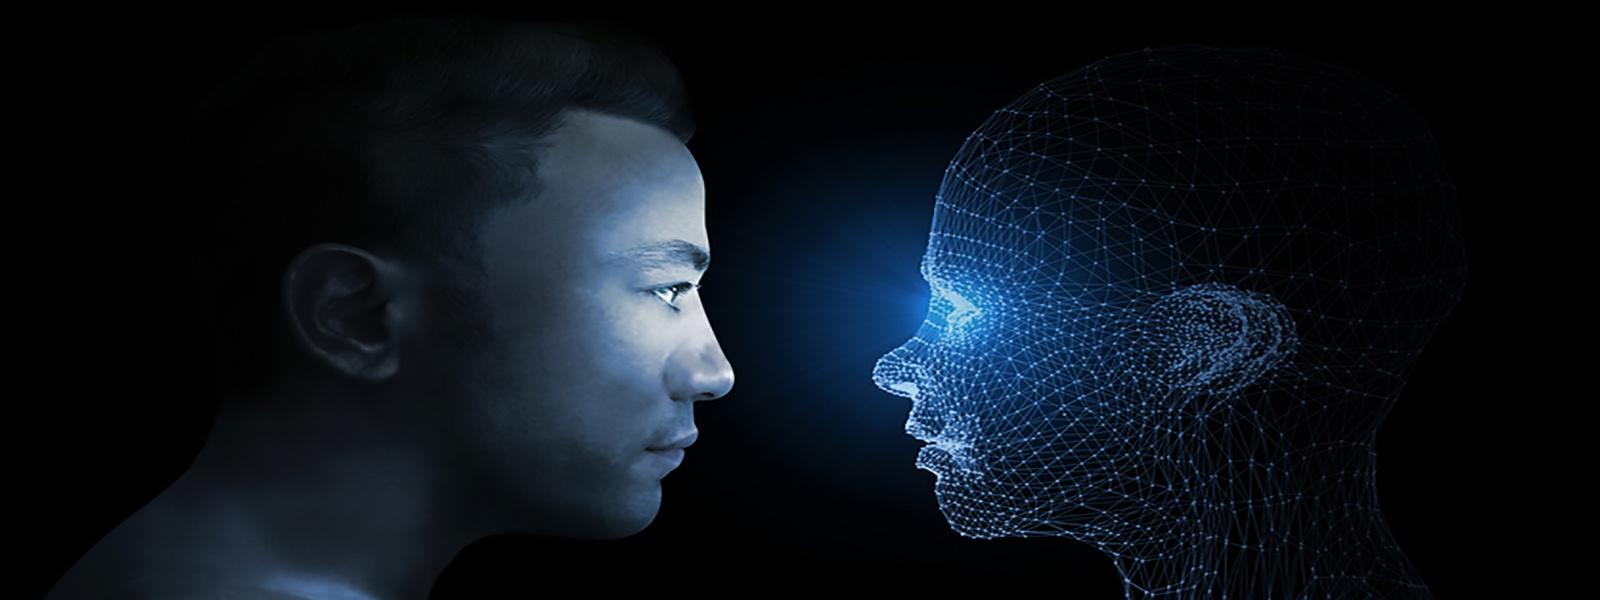 Die 5 wichtigsten Bereiche unseres Lebens, in denen künstliche Intelligenz eine wichtige Rolle spielen wird.